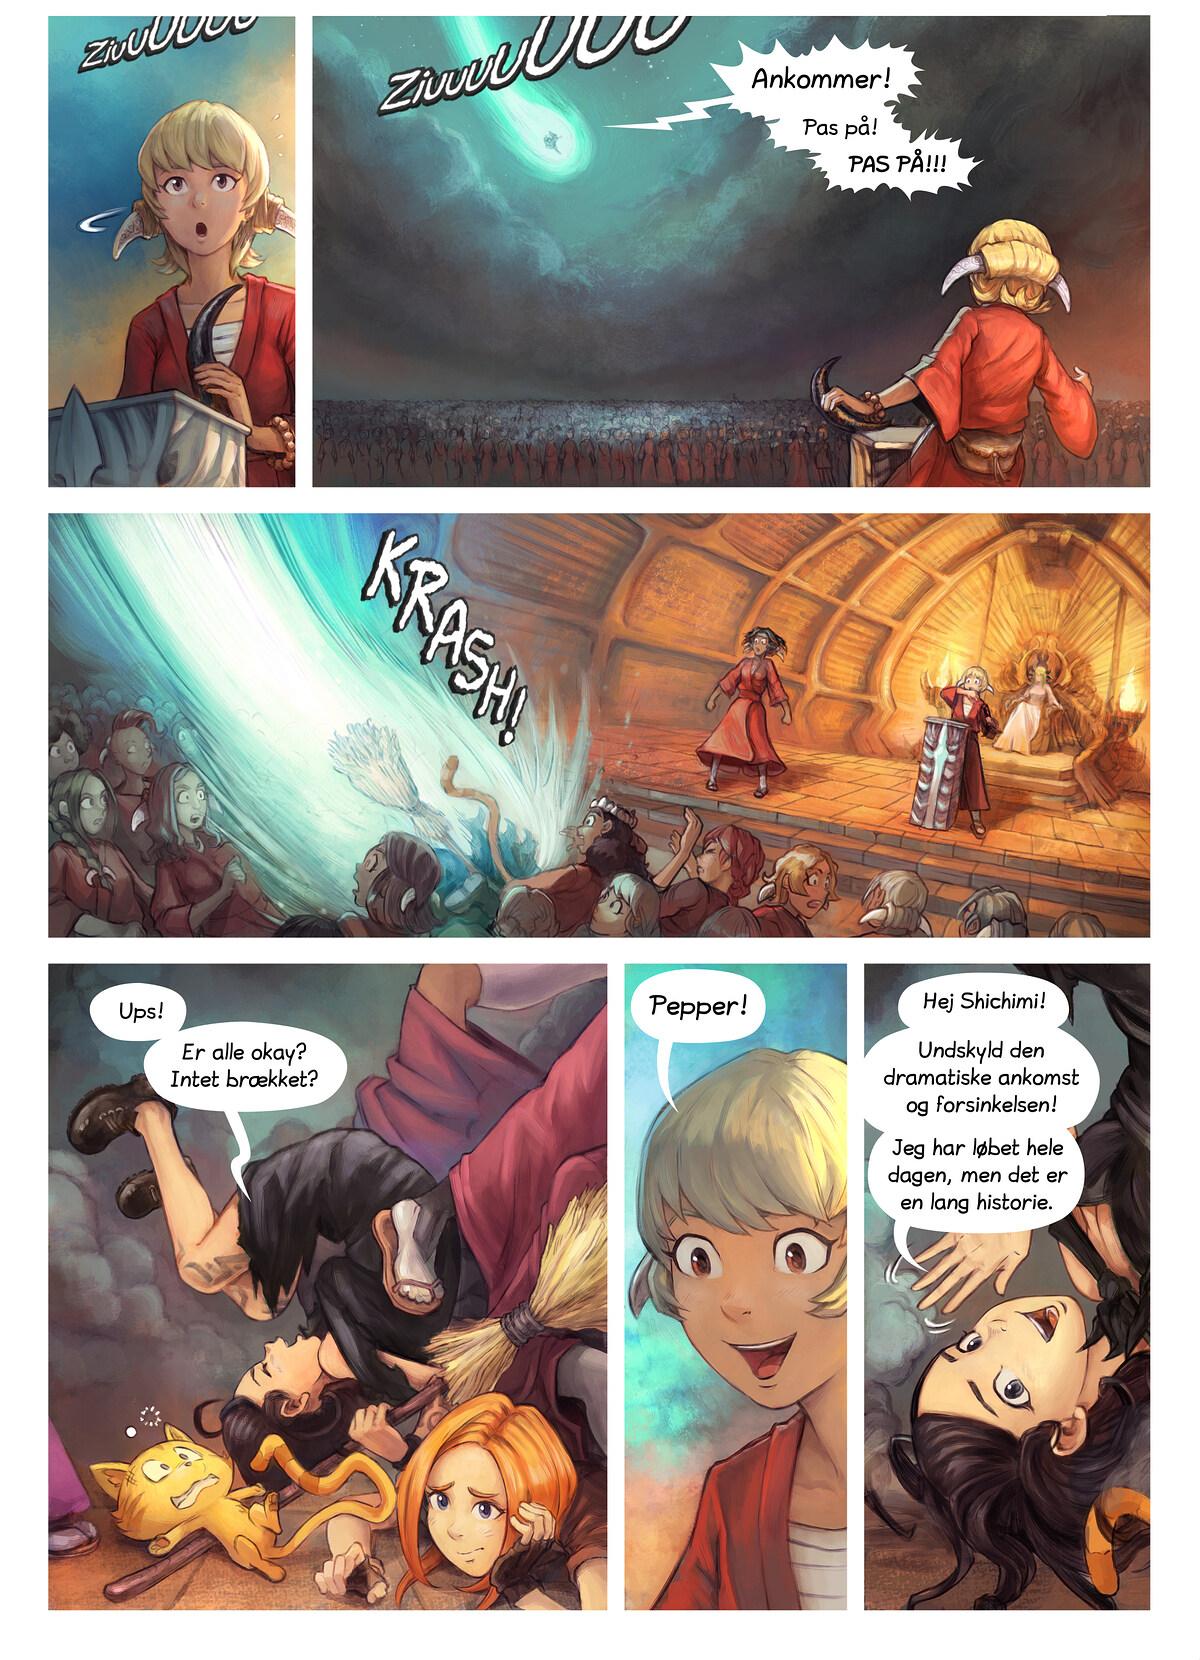 Episode 34: Shichimi slås til ridder, Page 2